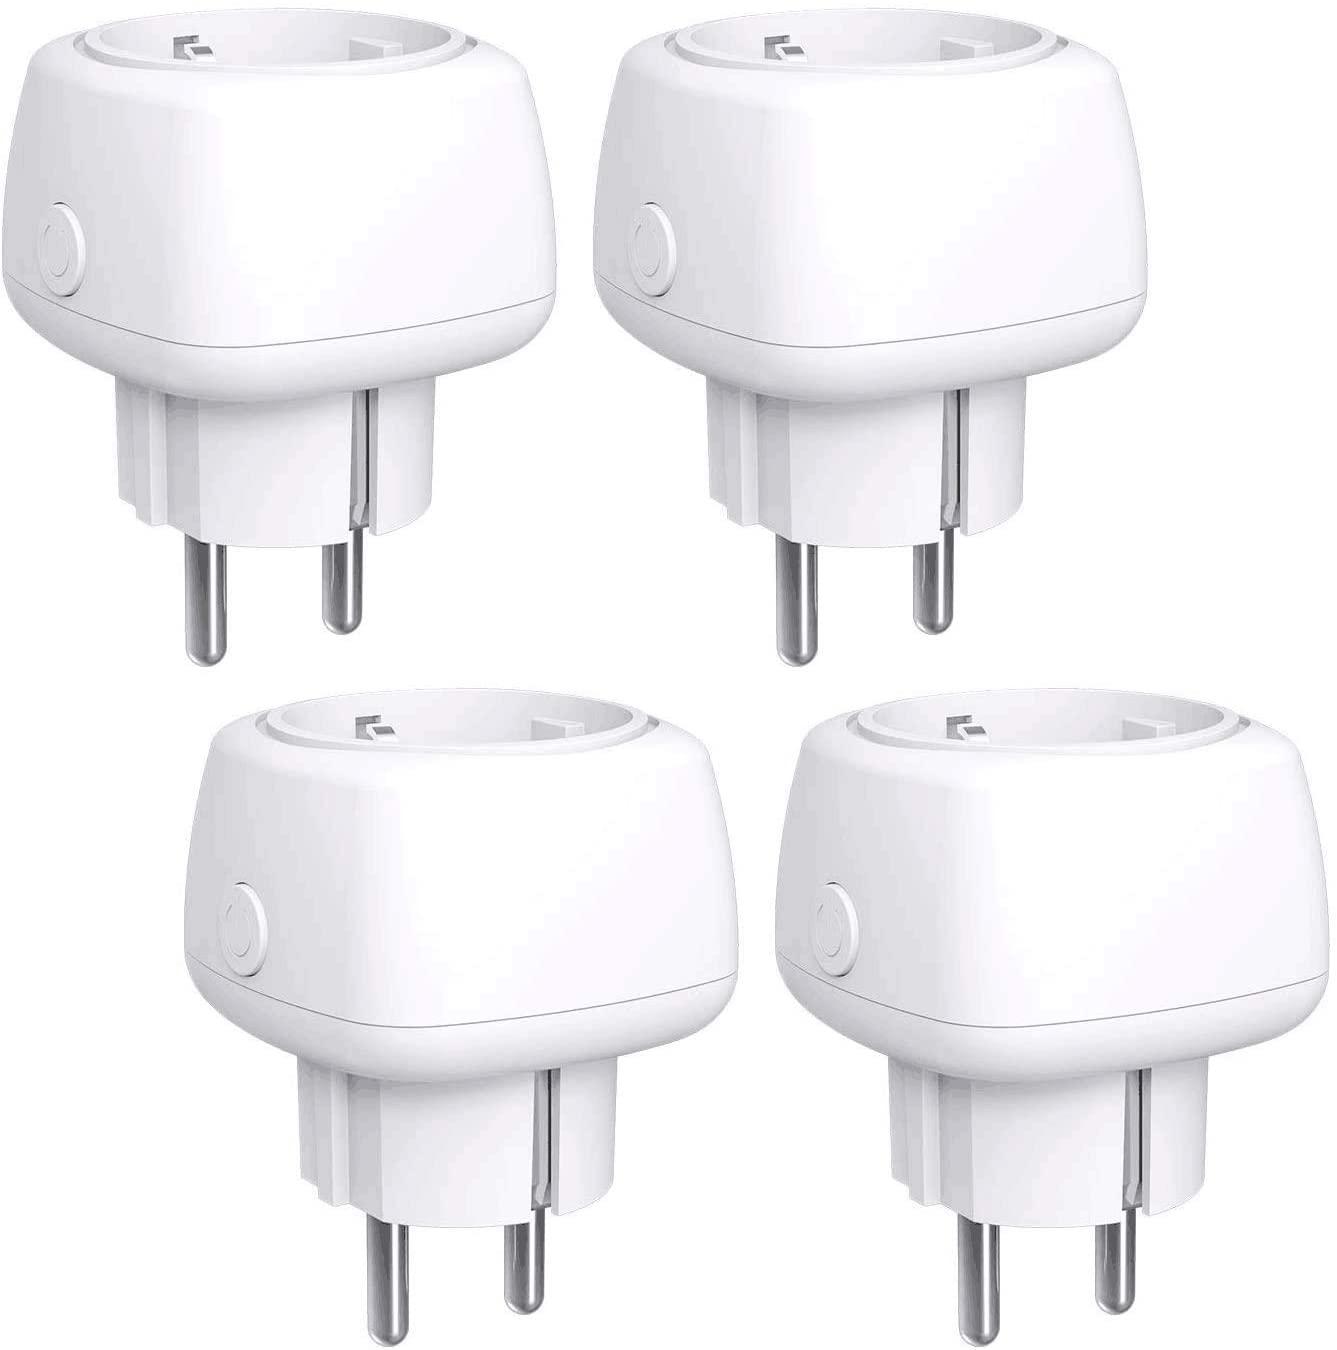 [4 stuks] Meross slimme WLAN stopcontacten (Alexa, Google Home, IFTTT) voor €22,99 met code @ Amazon NL